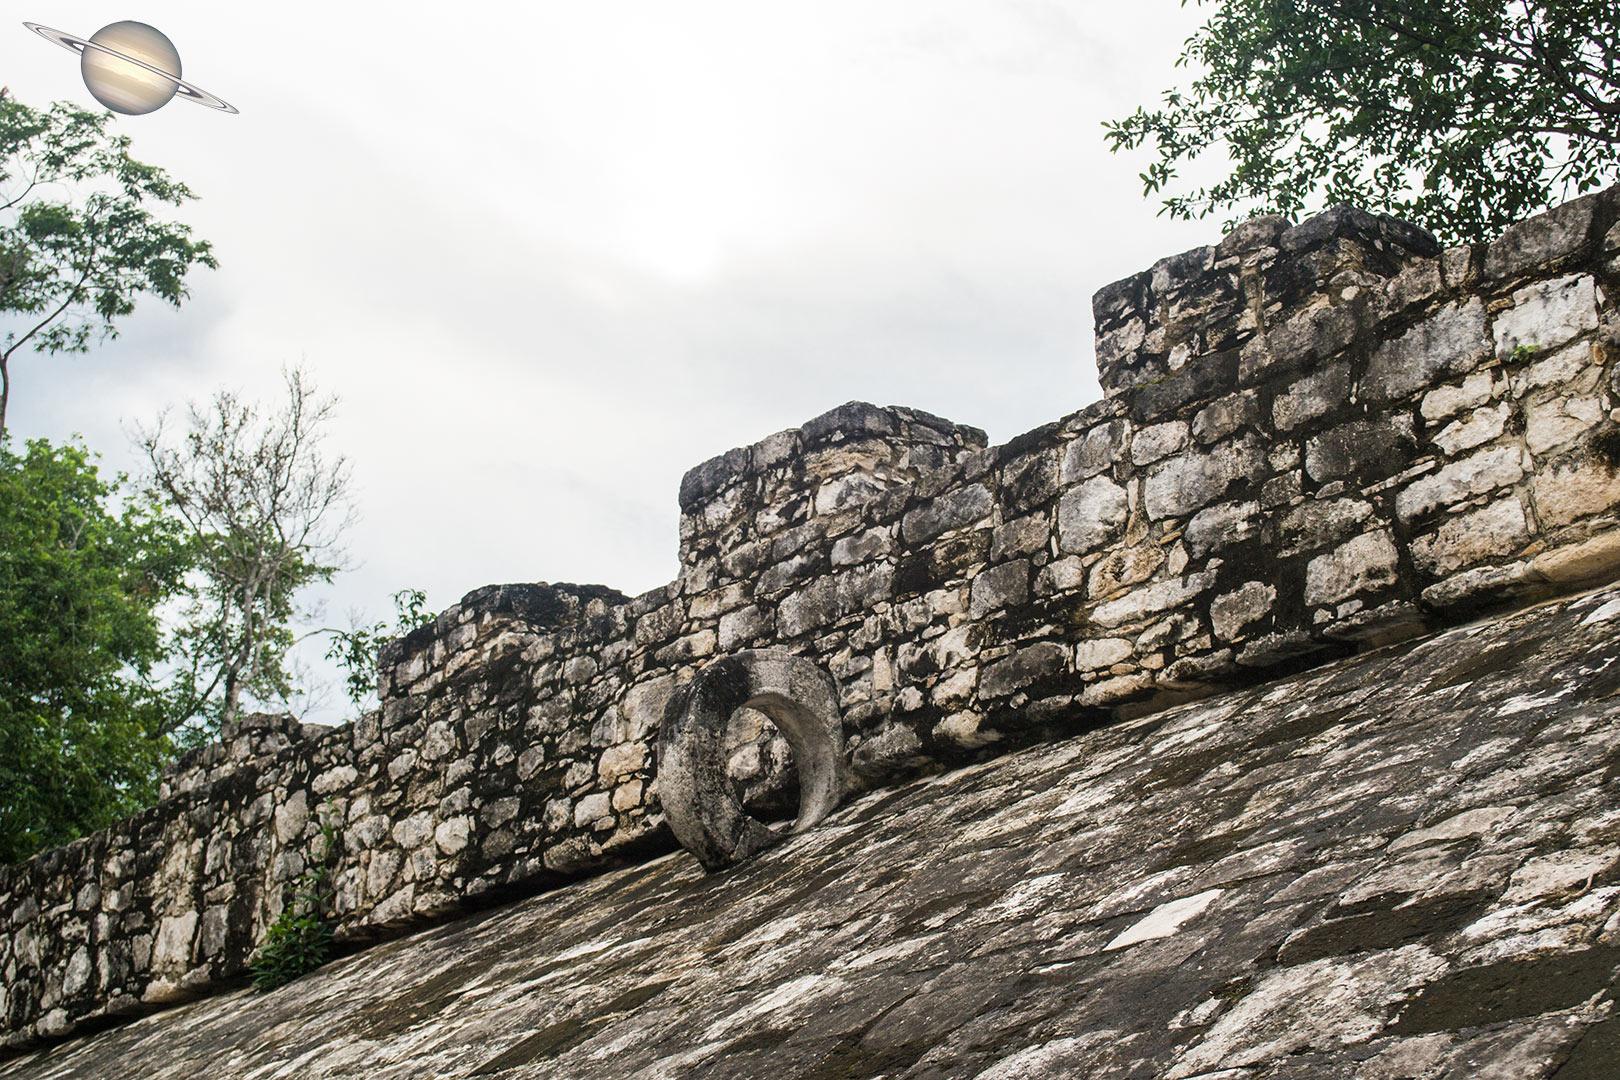 coba yucatan mexico 16 - Suba uma Pirâmide em Coba, Antiga Cidade Maia, México